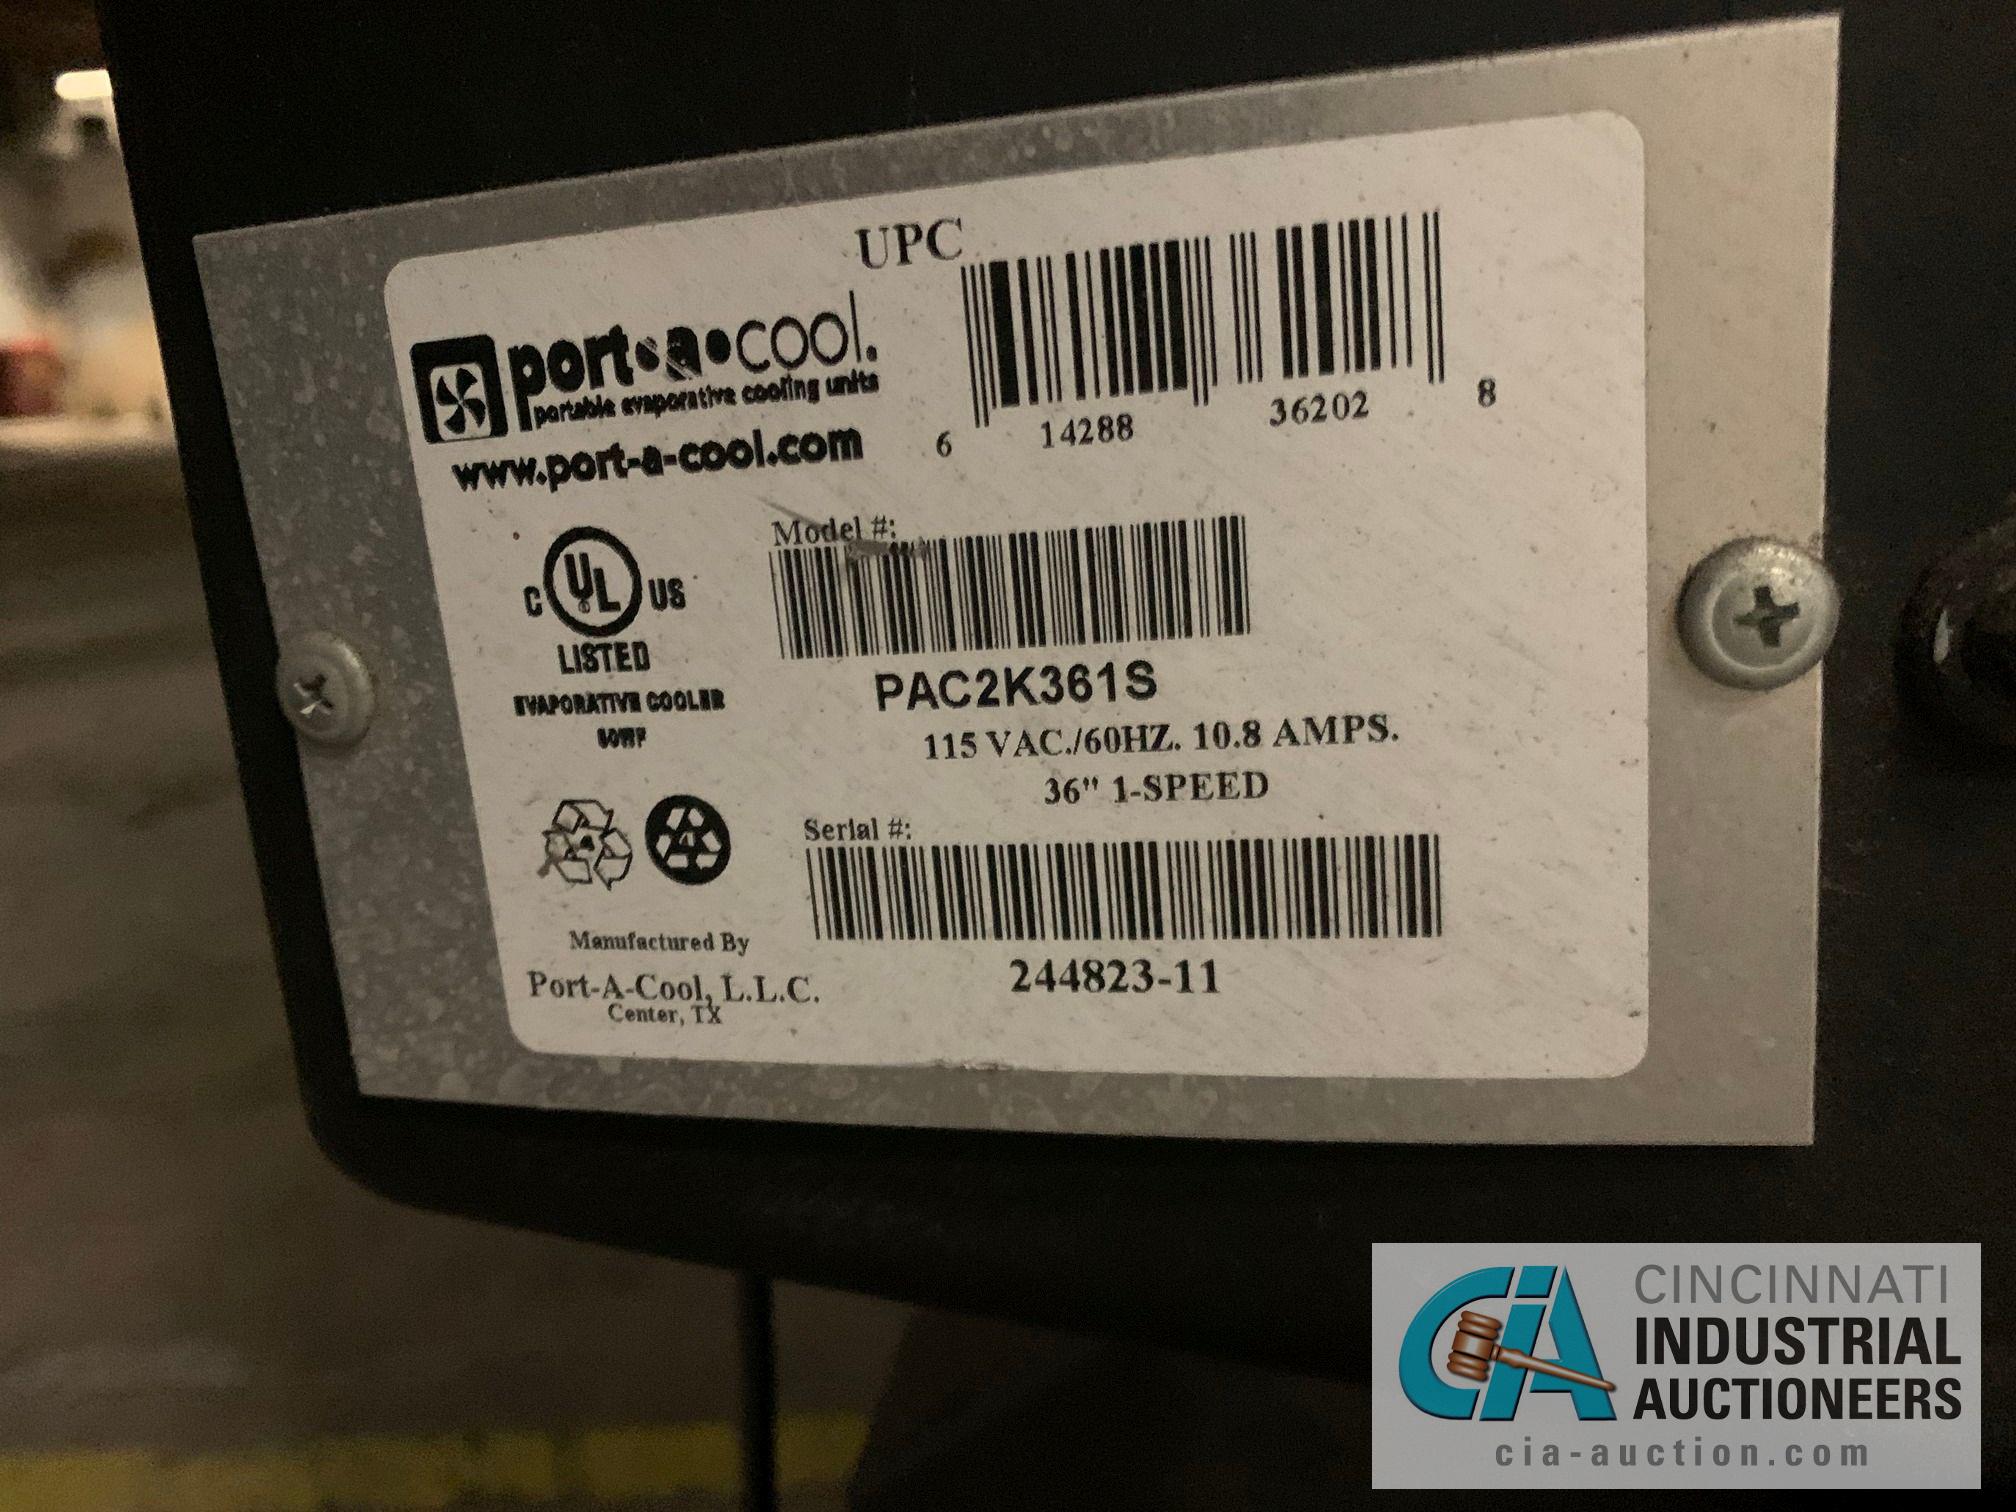 PORT-A-COOL MODEL PAC2K361S FAN - Image 3 of 3